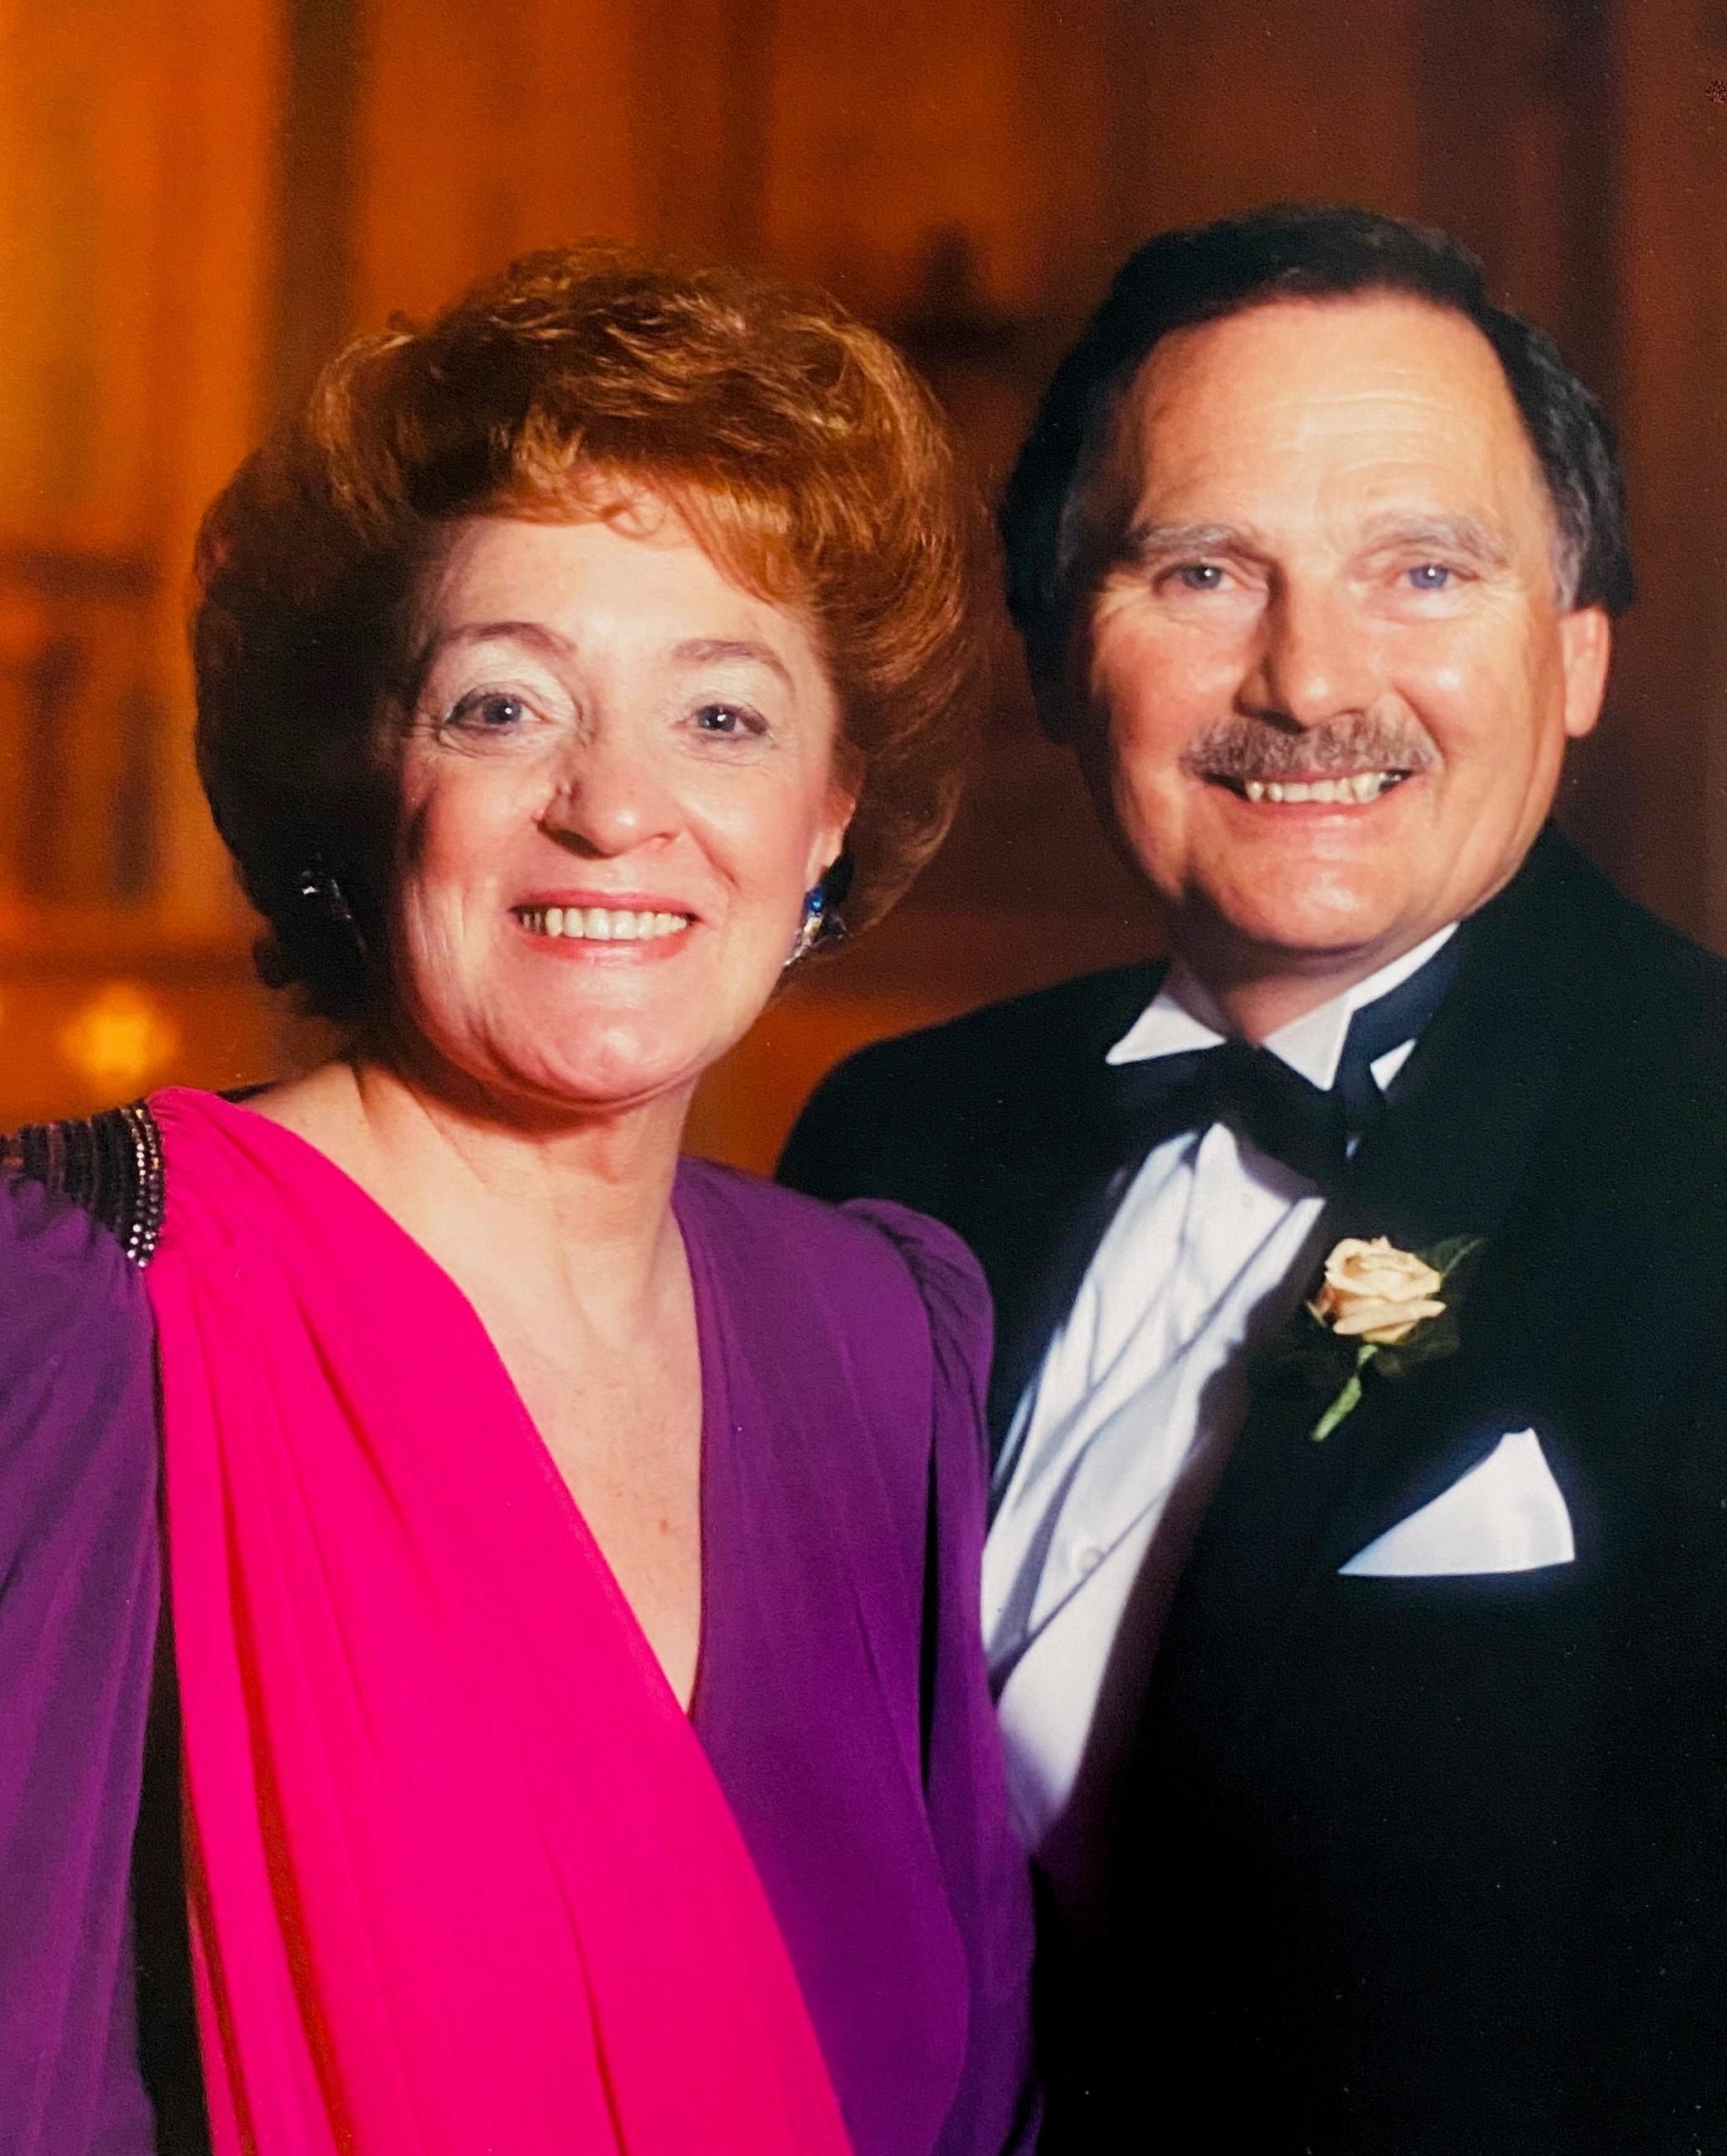 Ken and Flo Skinner